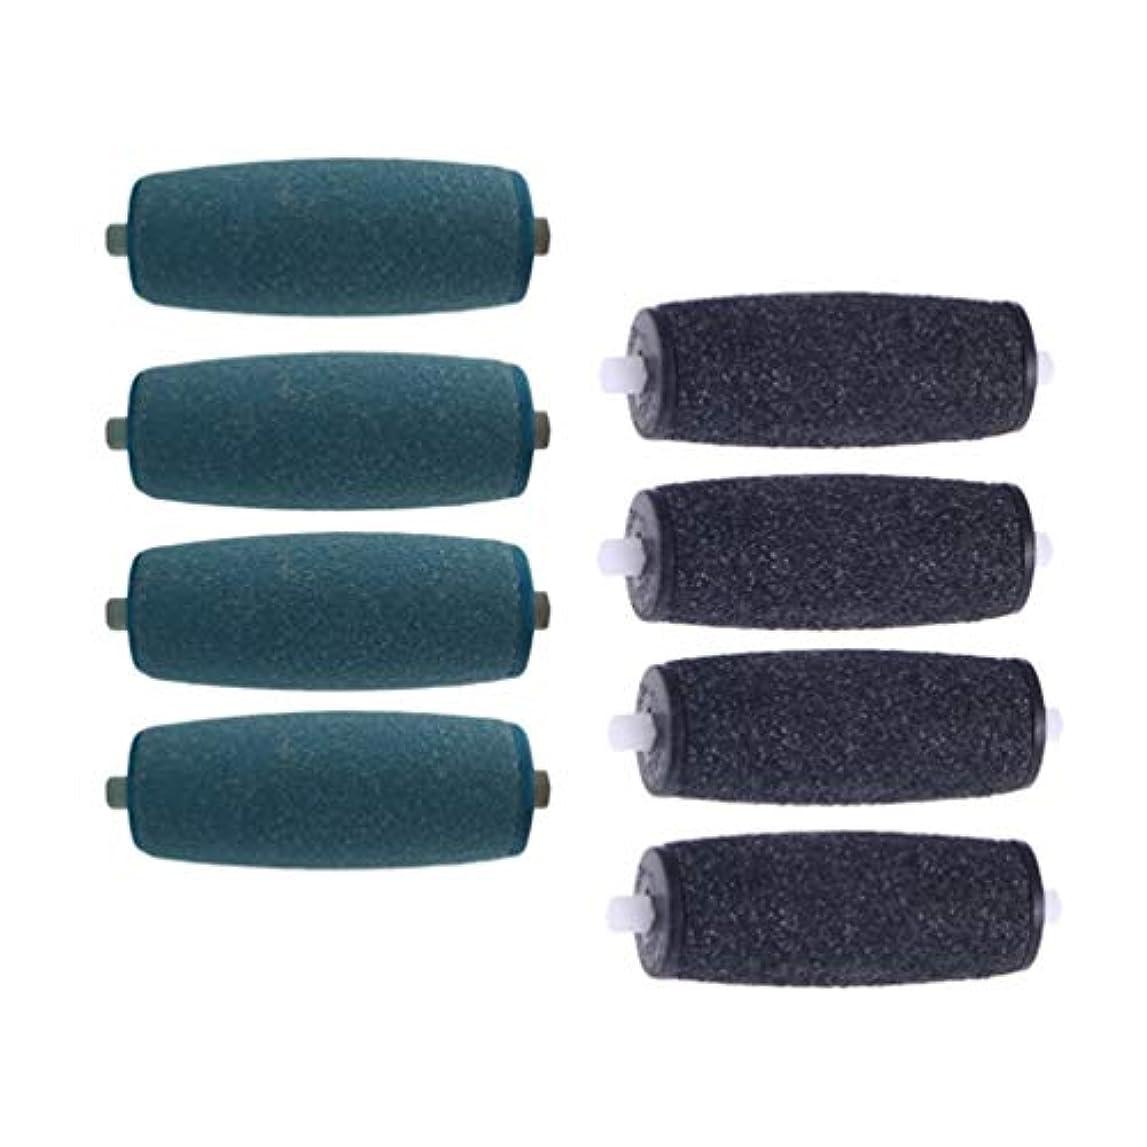 嵐村ダイヤルSUPVOX 電子足ファイルの結め換え品のための8pcs粗い取り替えのローラーの結め換え品の頭部